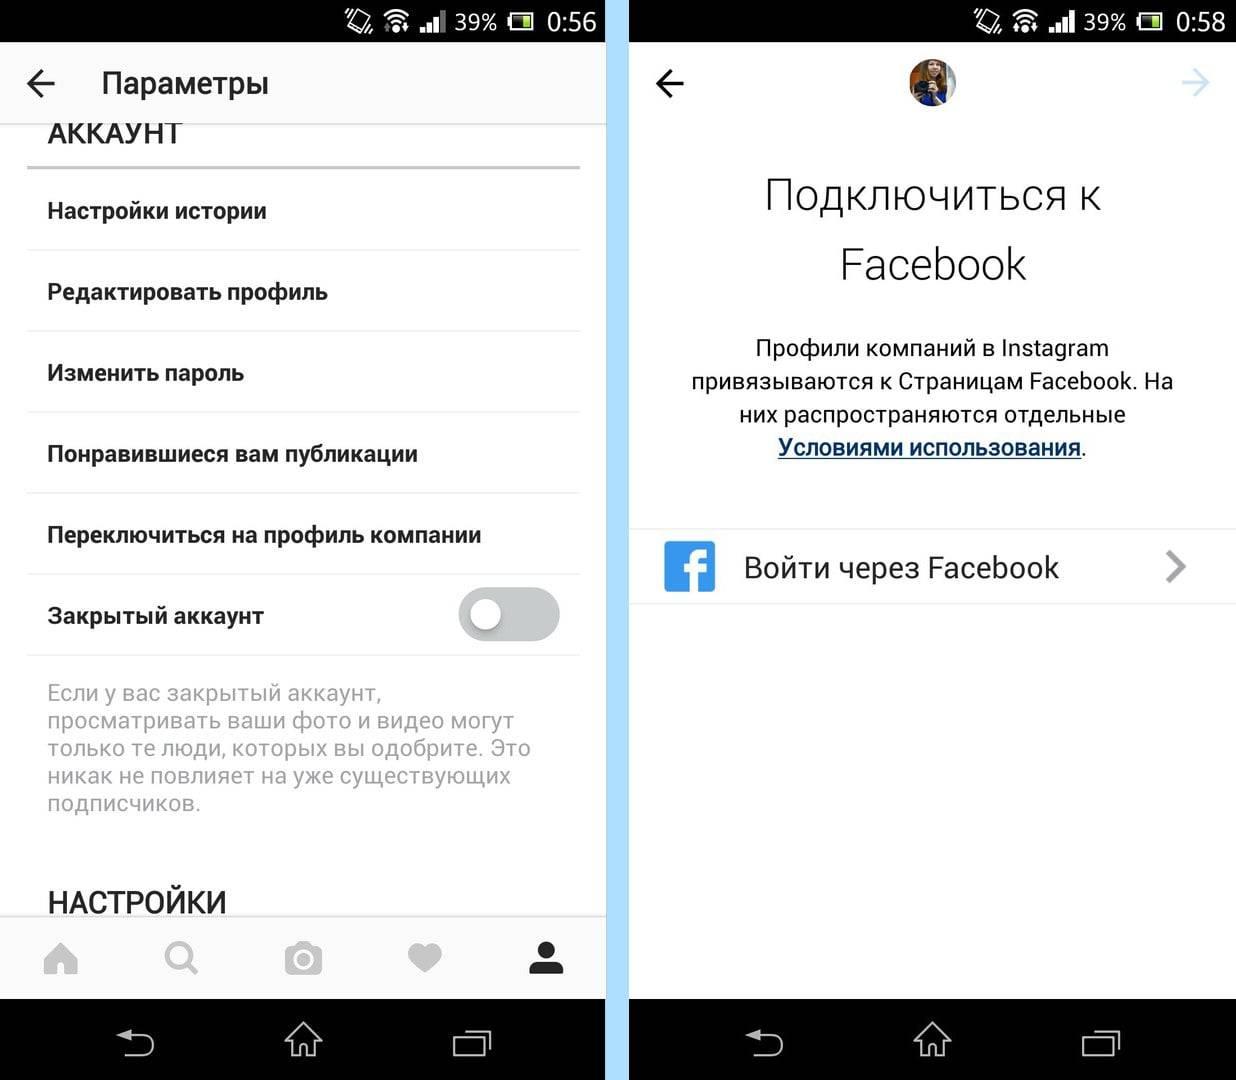 Как войти в инстаграм через фейсбук - инструкция